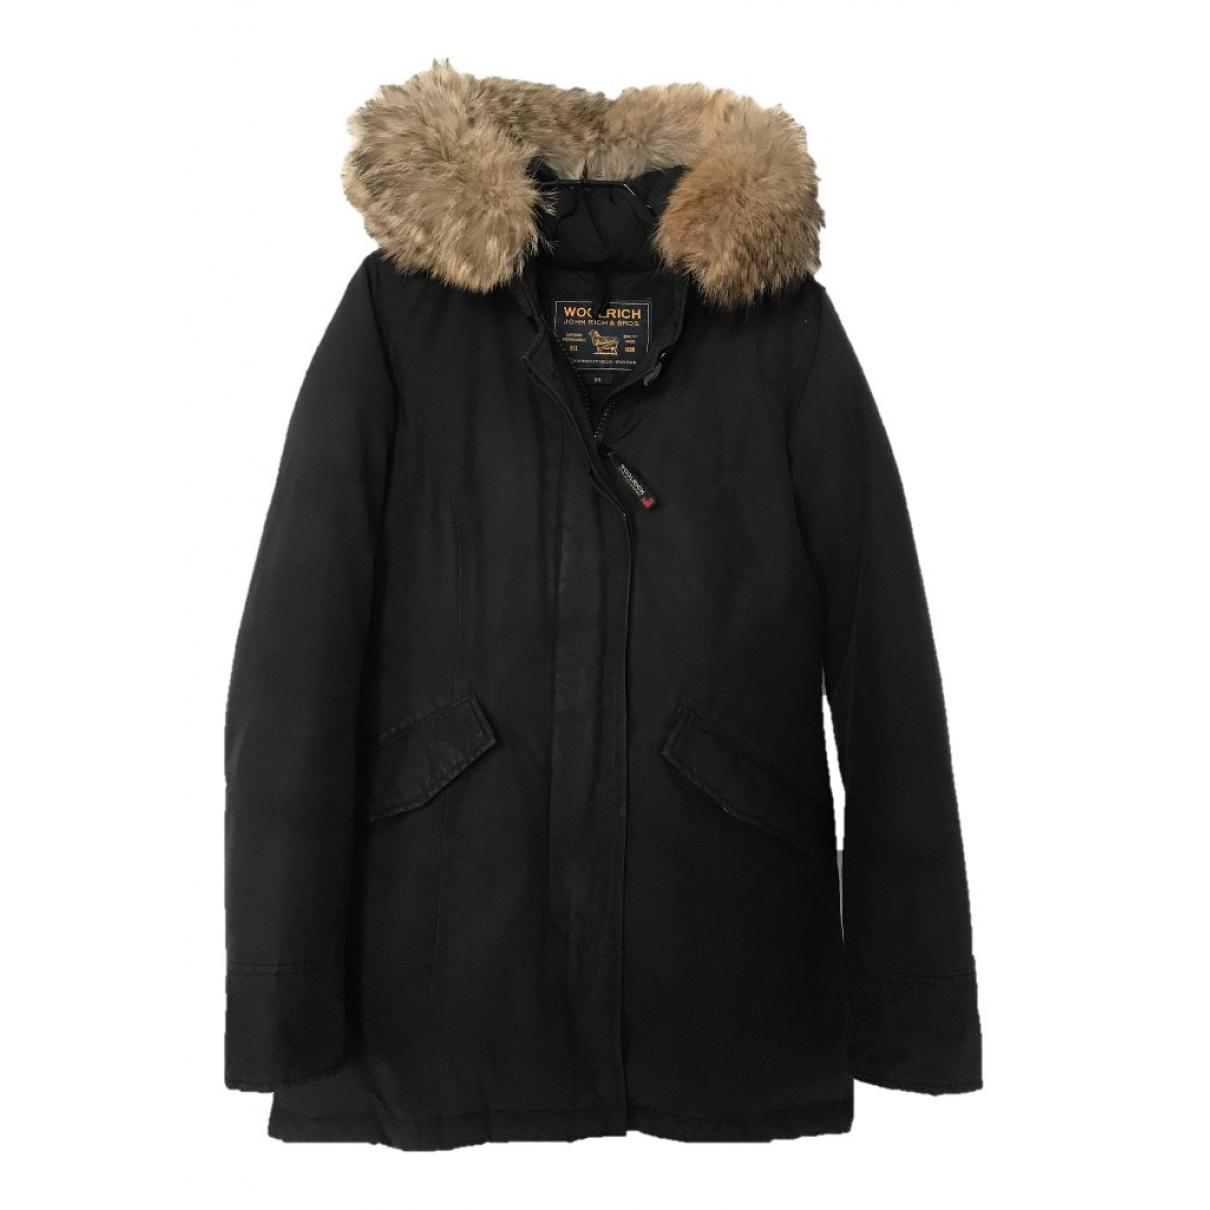 Woolrich \N Black coat for Women XS International